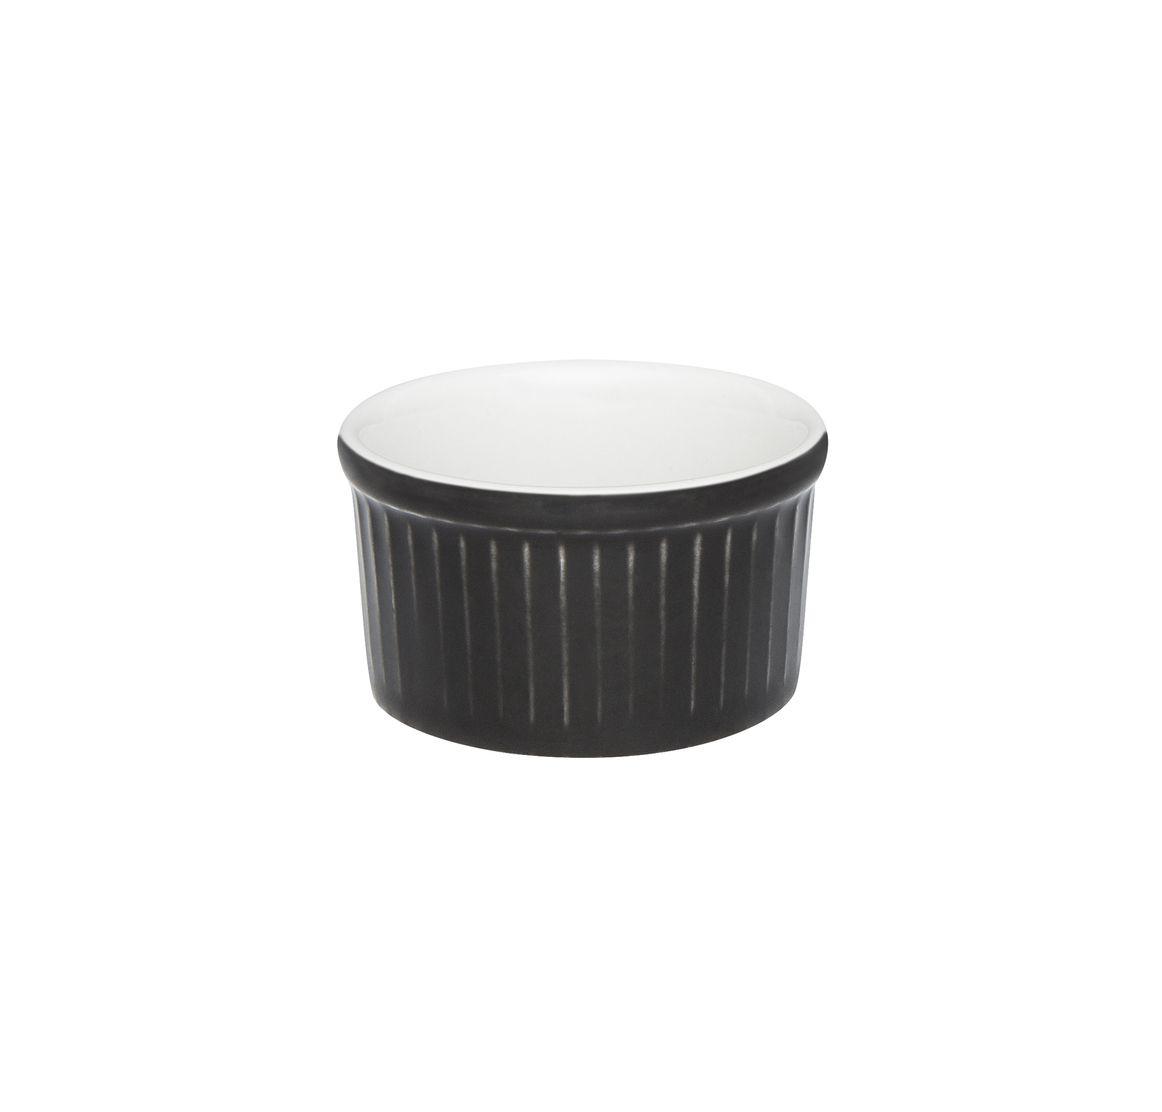 Tigela Ramequin 6X3Cm 50Ml - Branco/Preto - Oxford Cookware